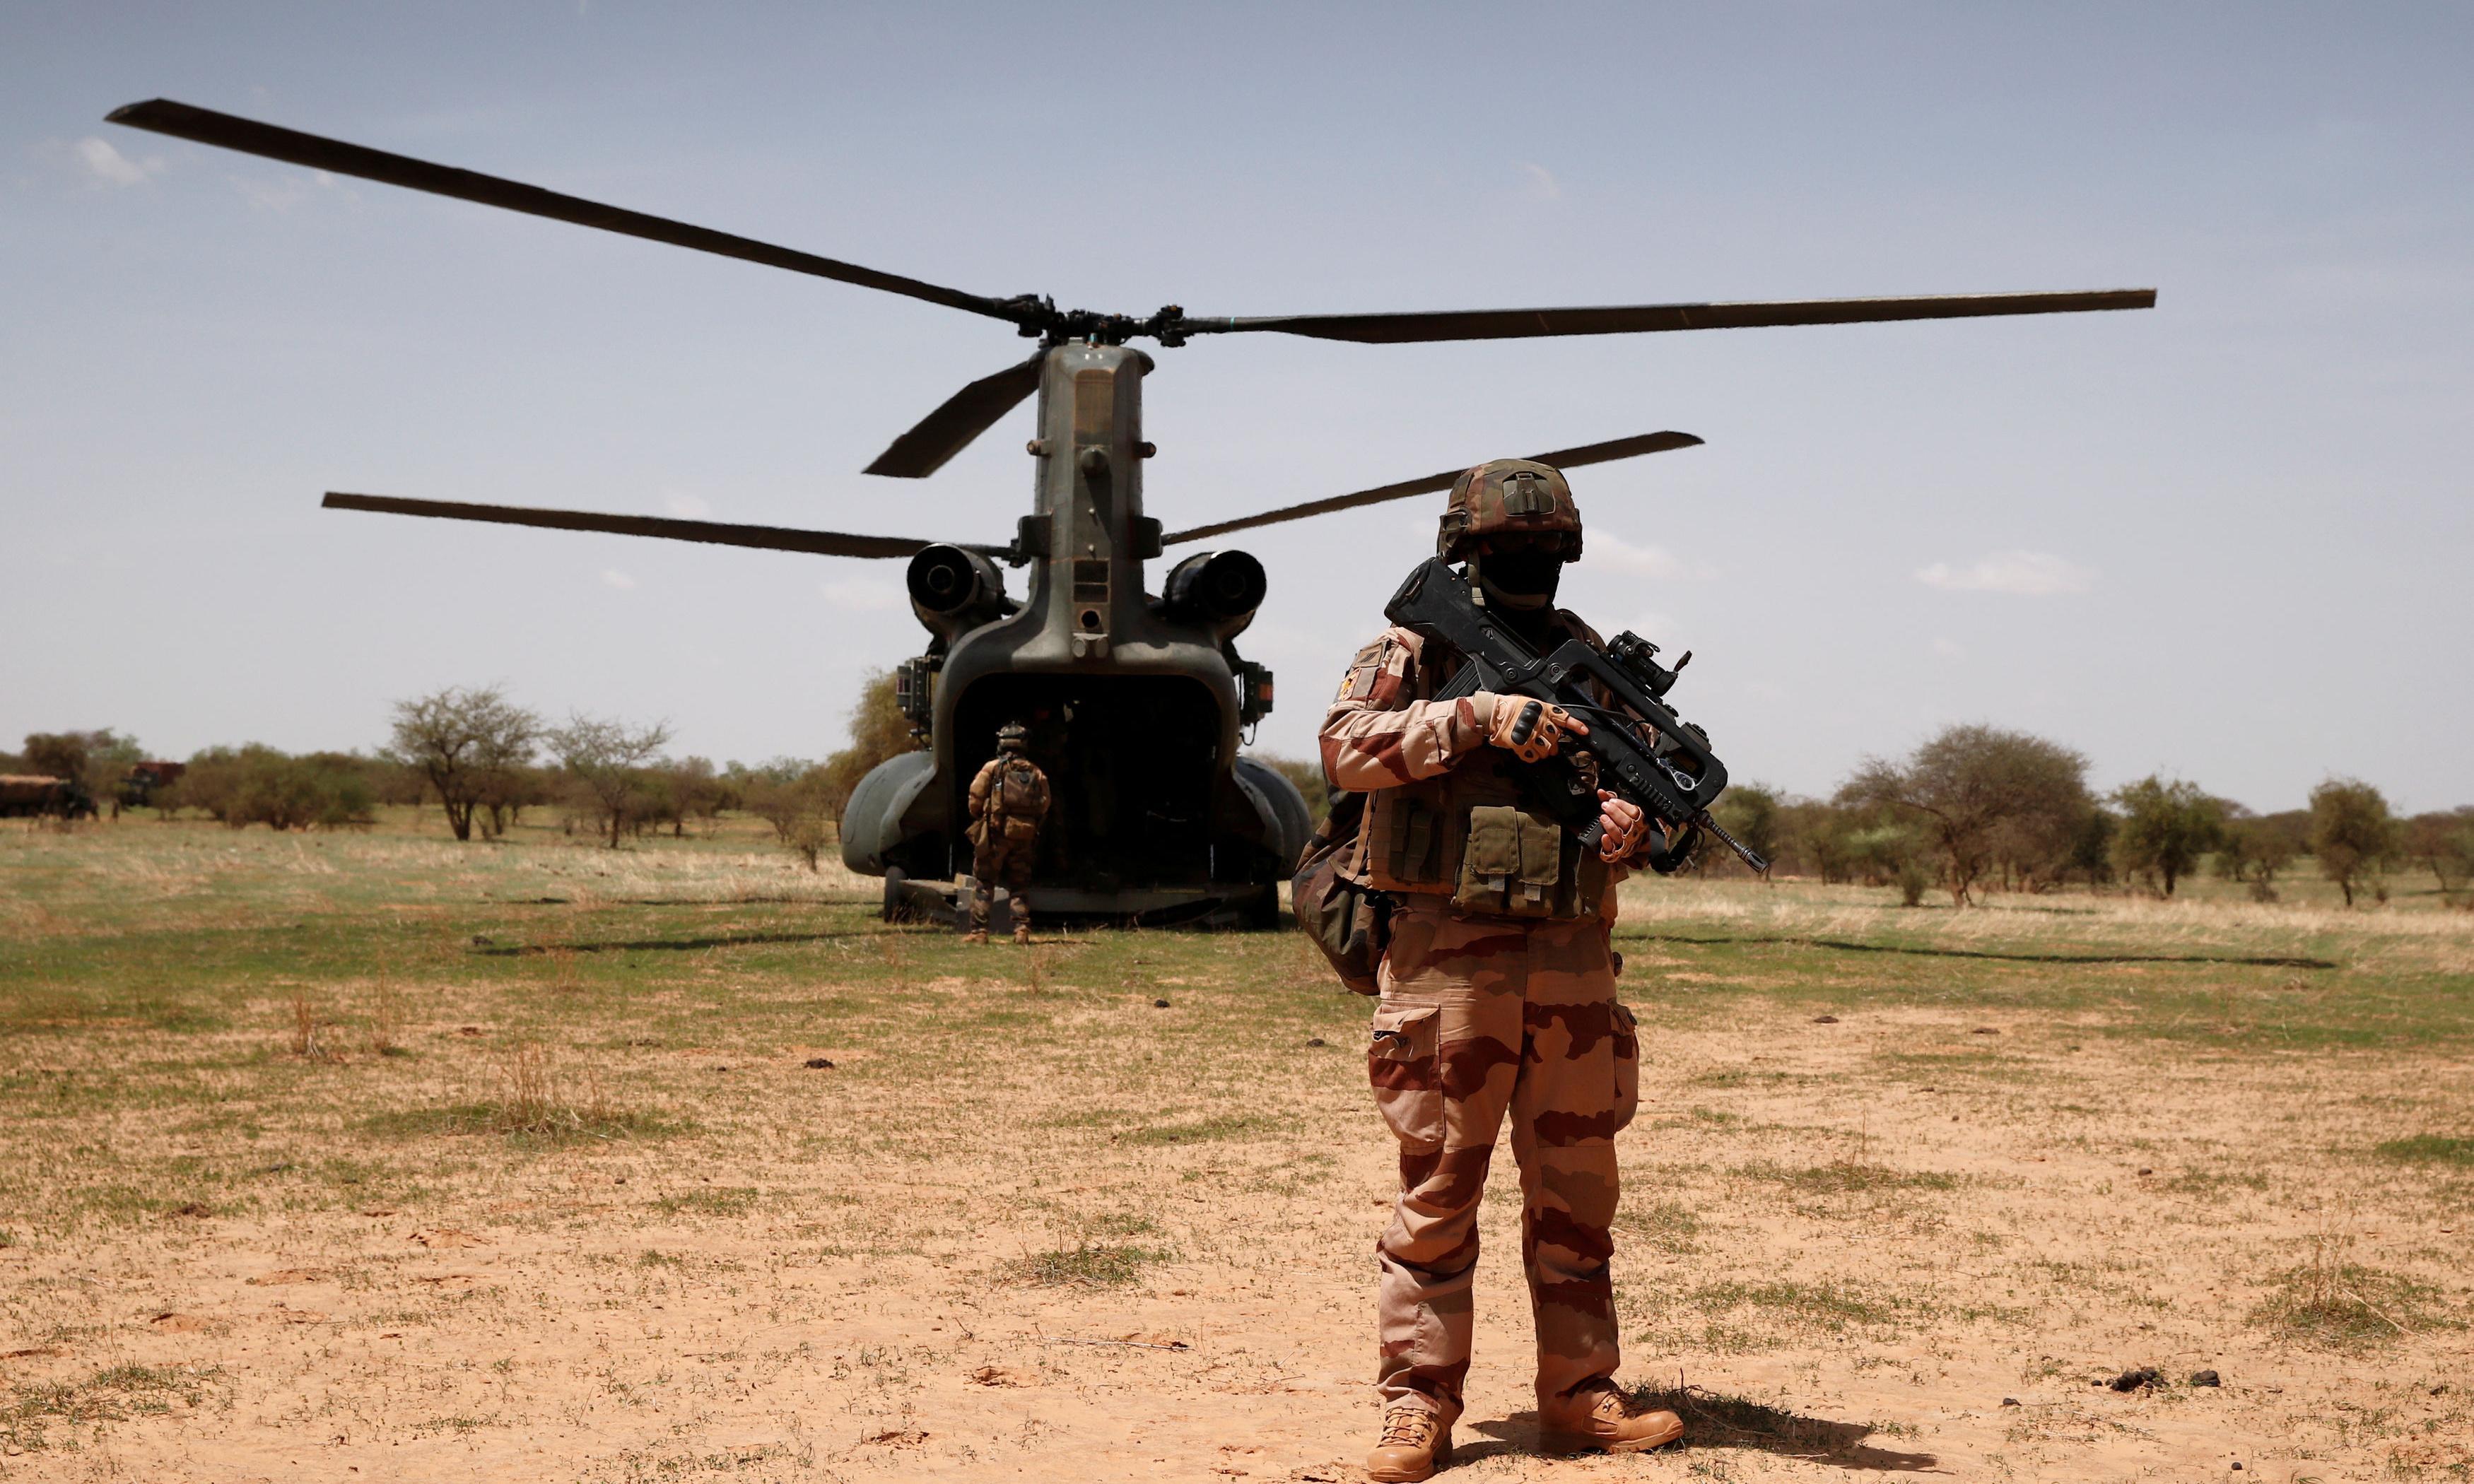 Around 20 dead in Burkina Faso as jihadist violence spreads across region